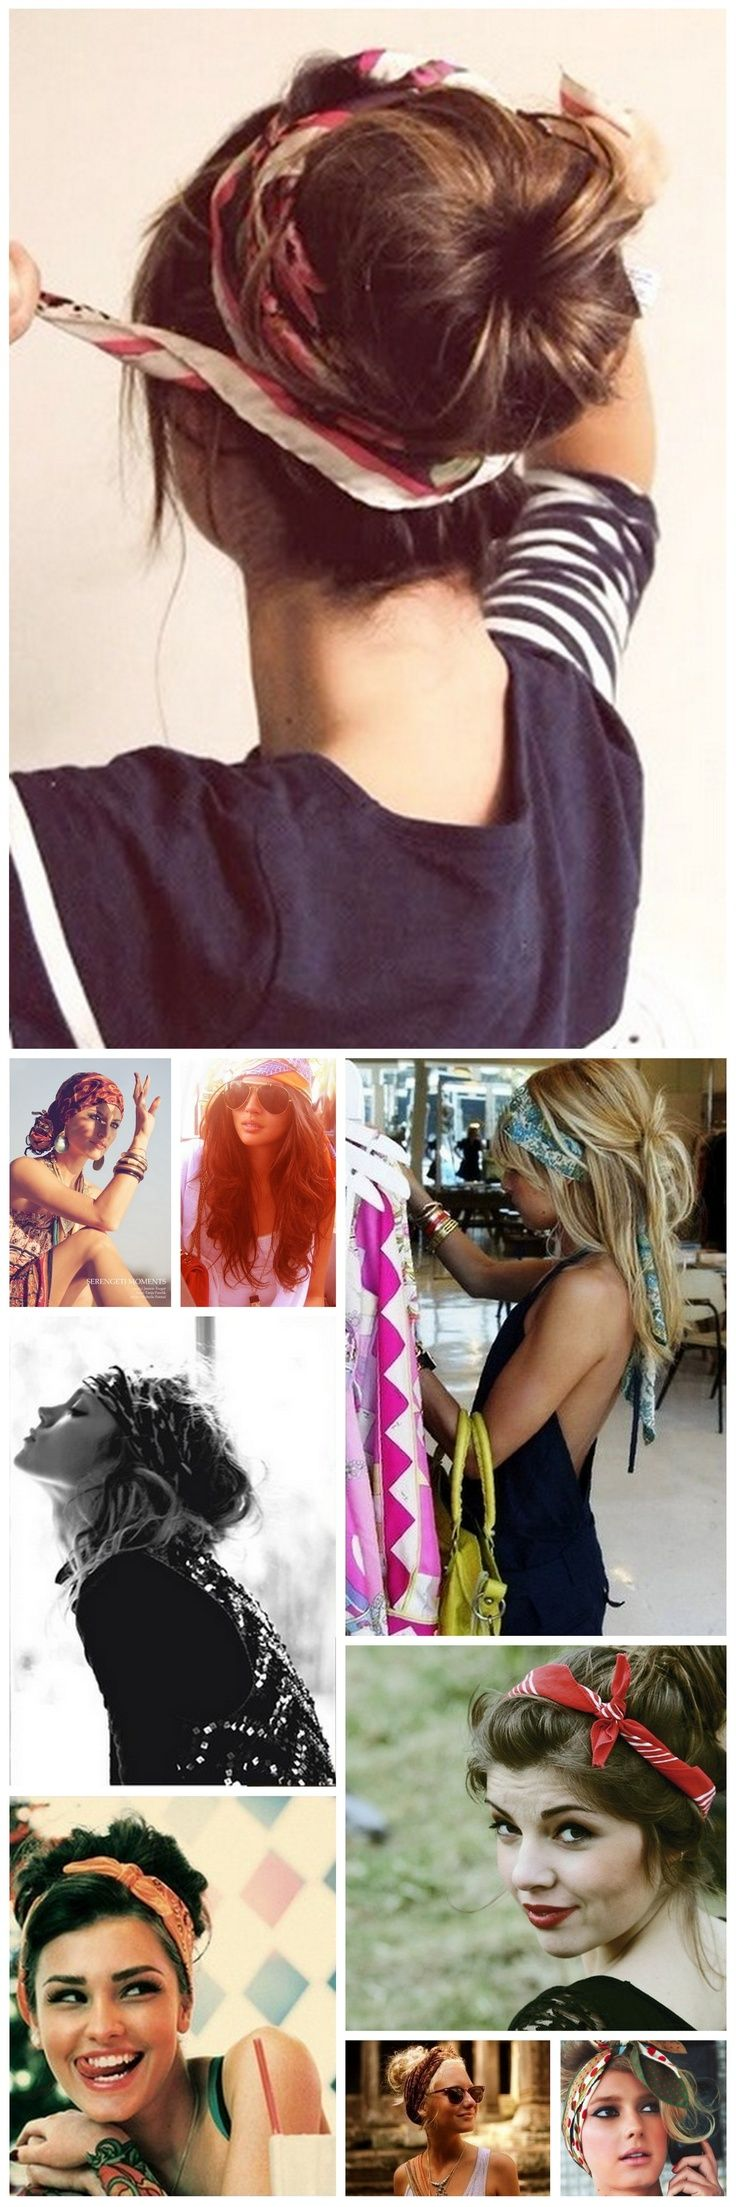 Se coiffer avec un foulard, coiffure foulard pour cheveux longs et cheveux mi longs.